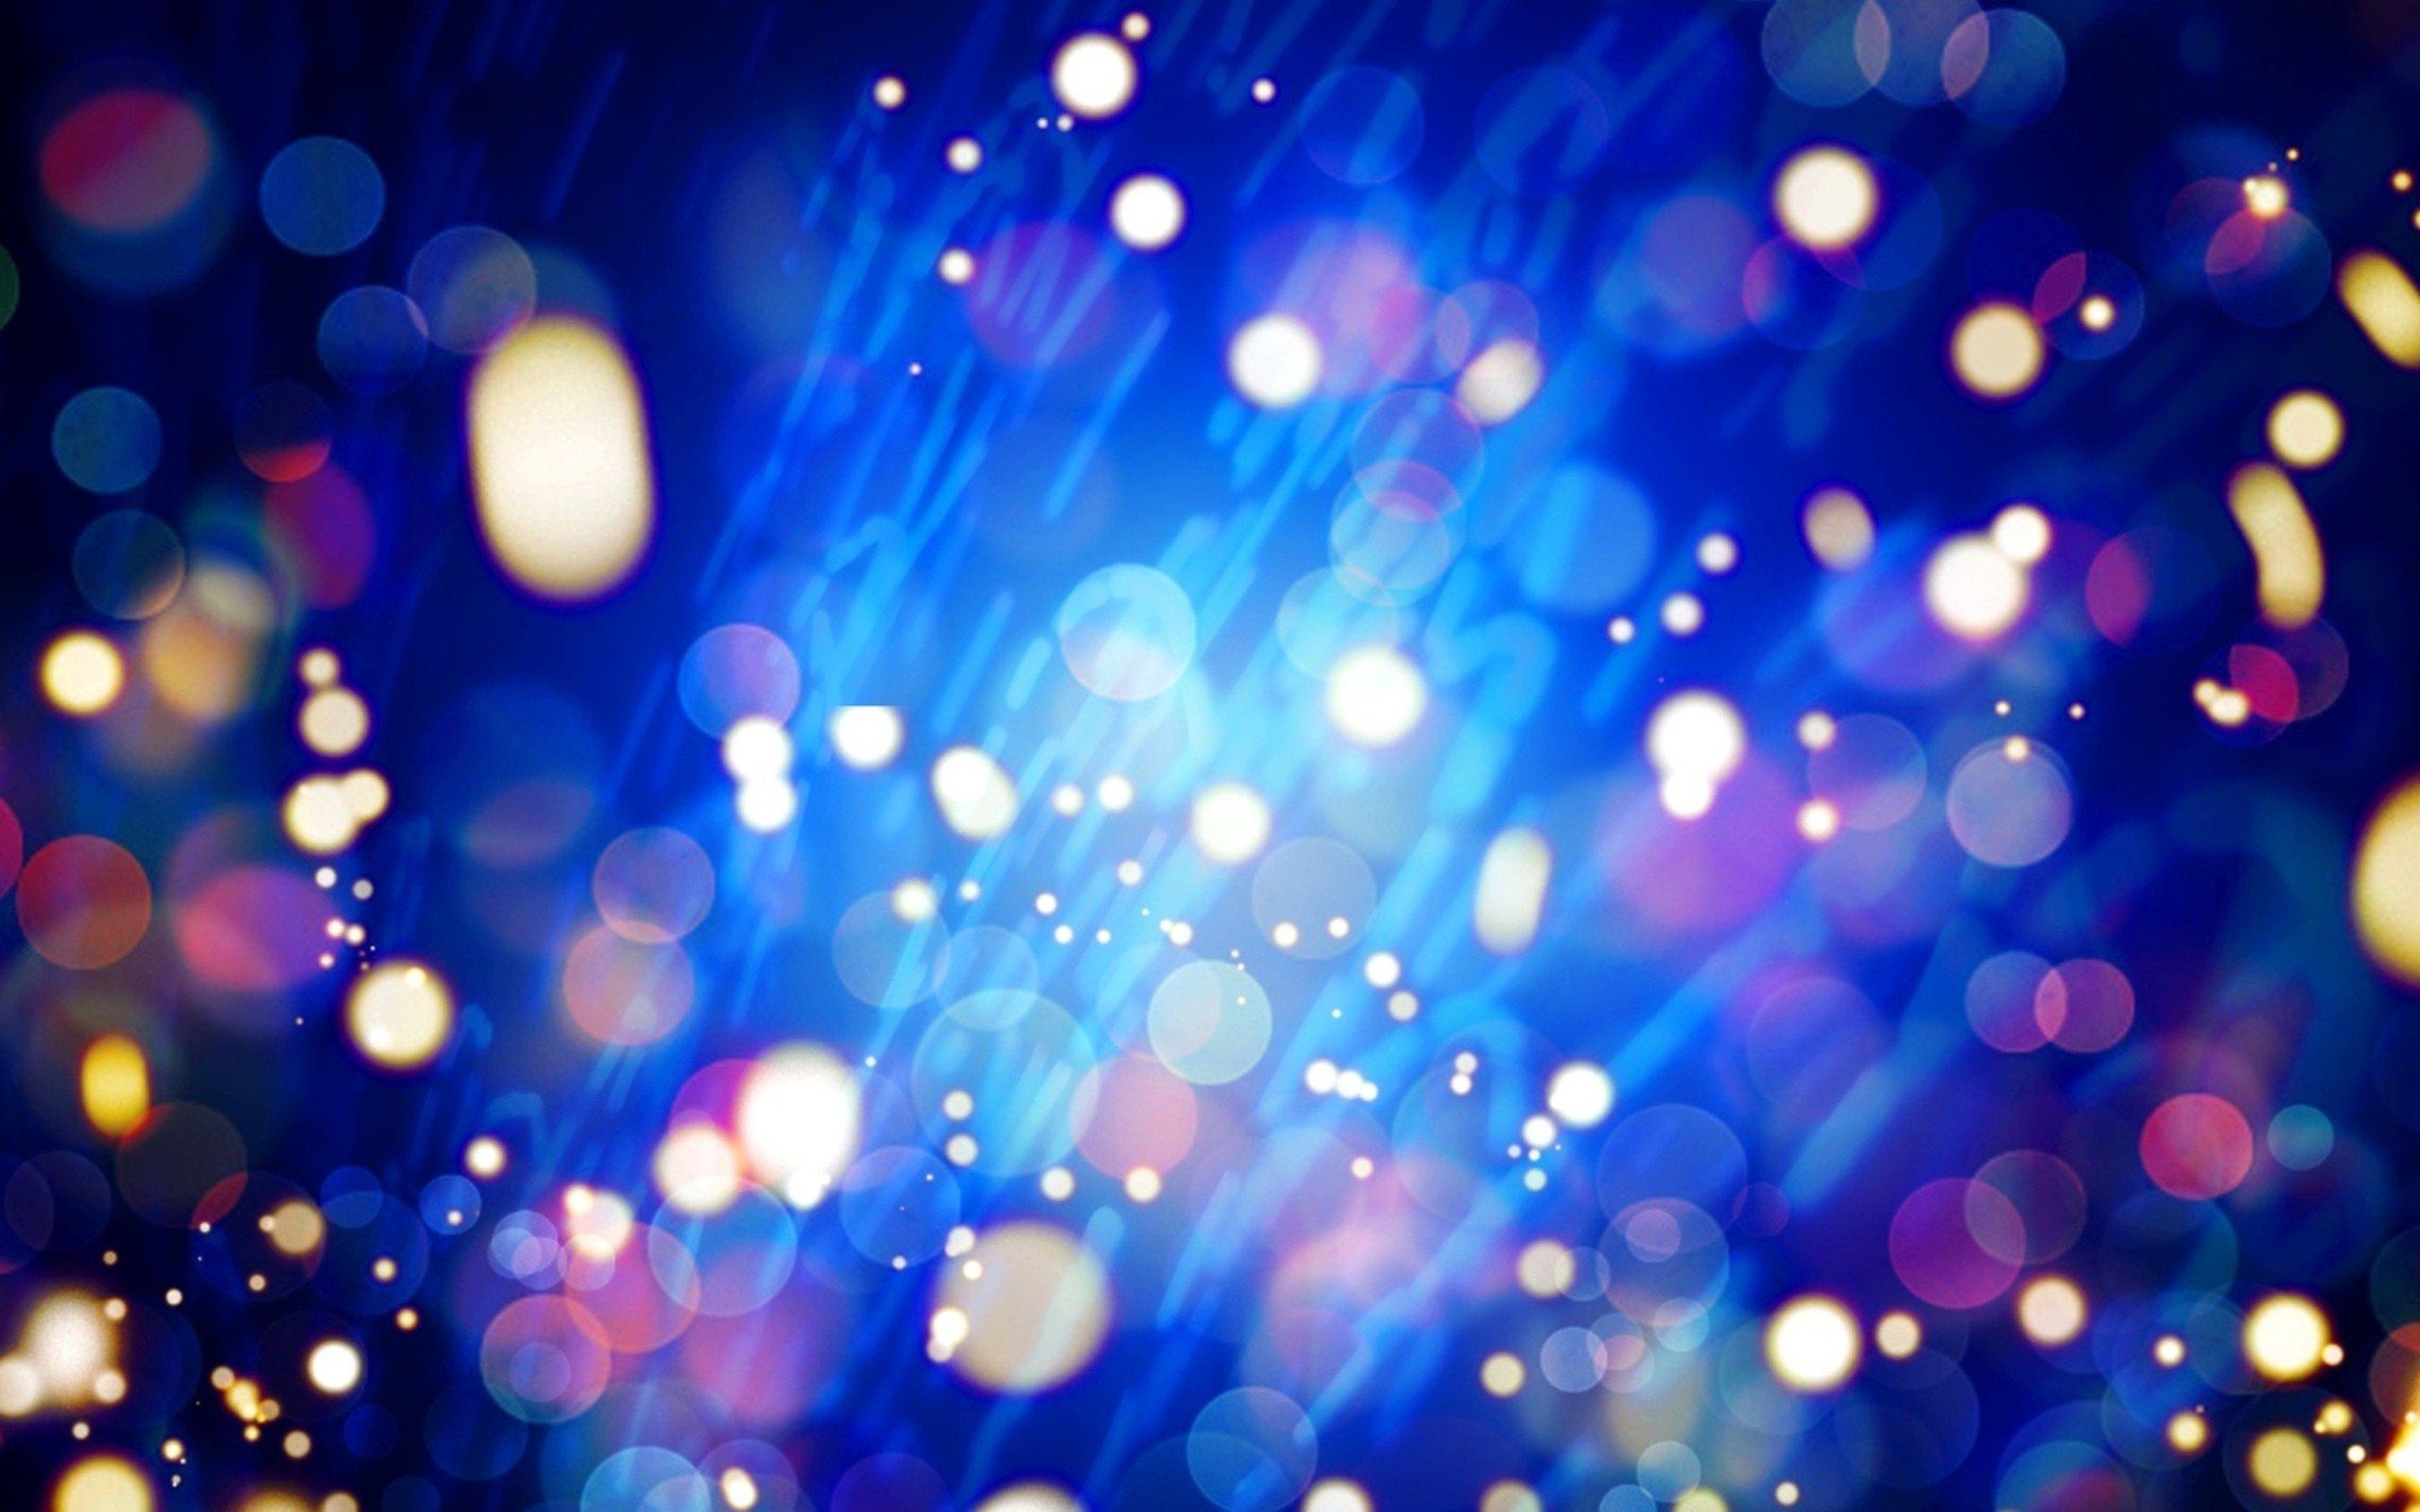 Abstract lights wallpaper | 2560x1600 | 258645 | WallpaperUP